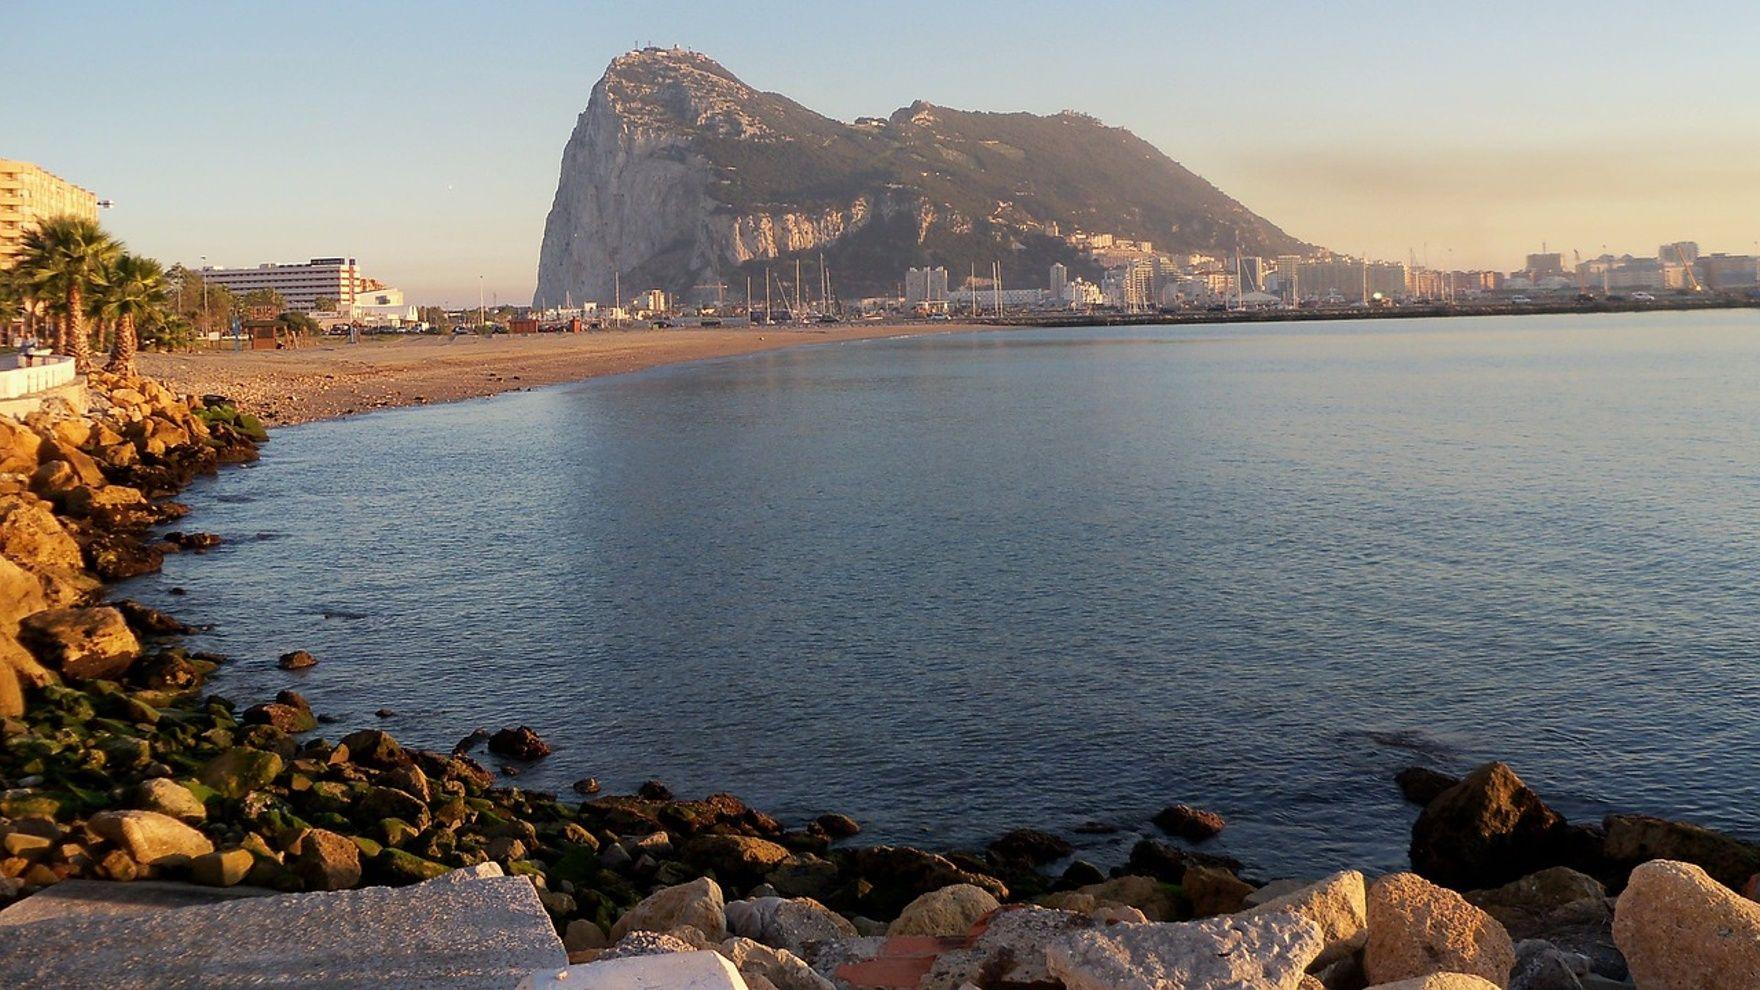 Переход из Великобритании через Гибралтар в Сент-Тропе.